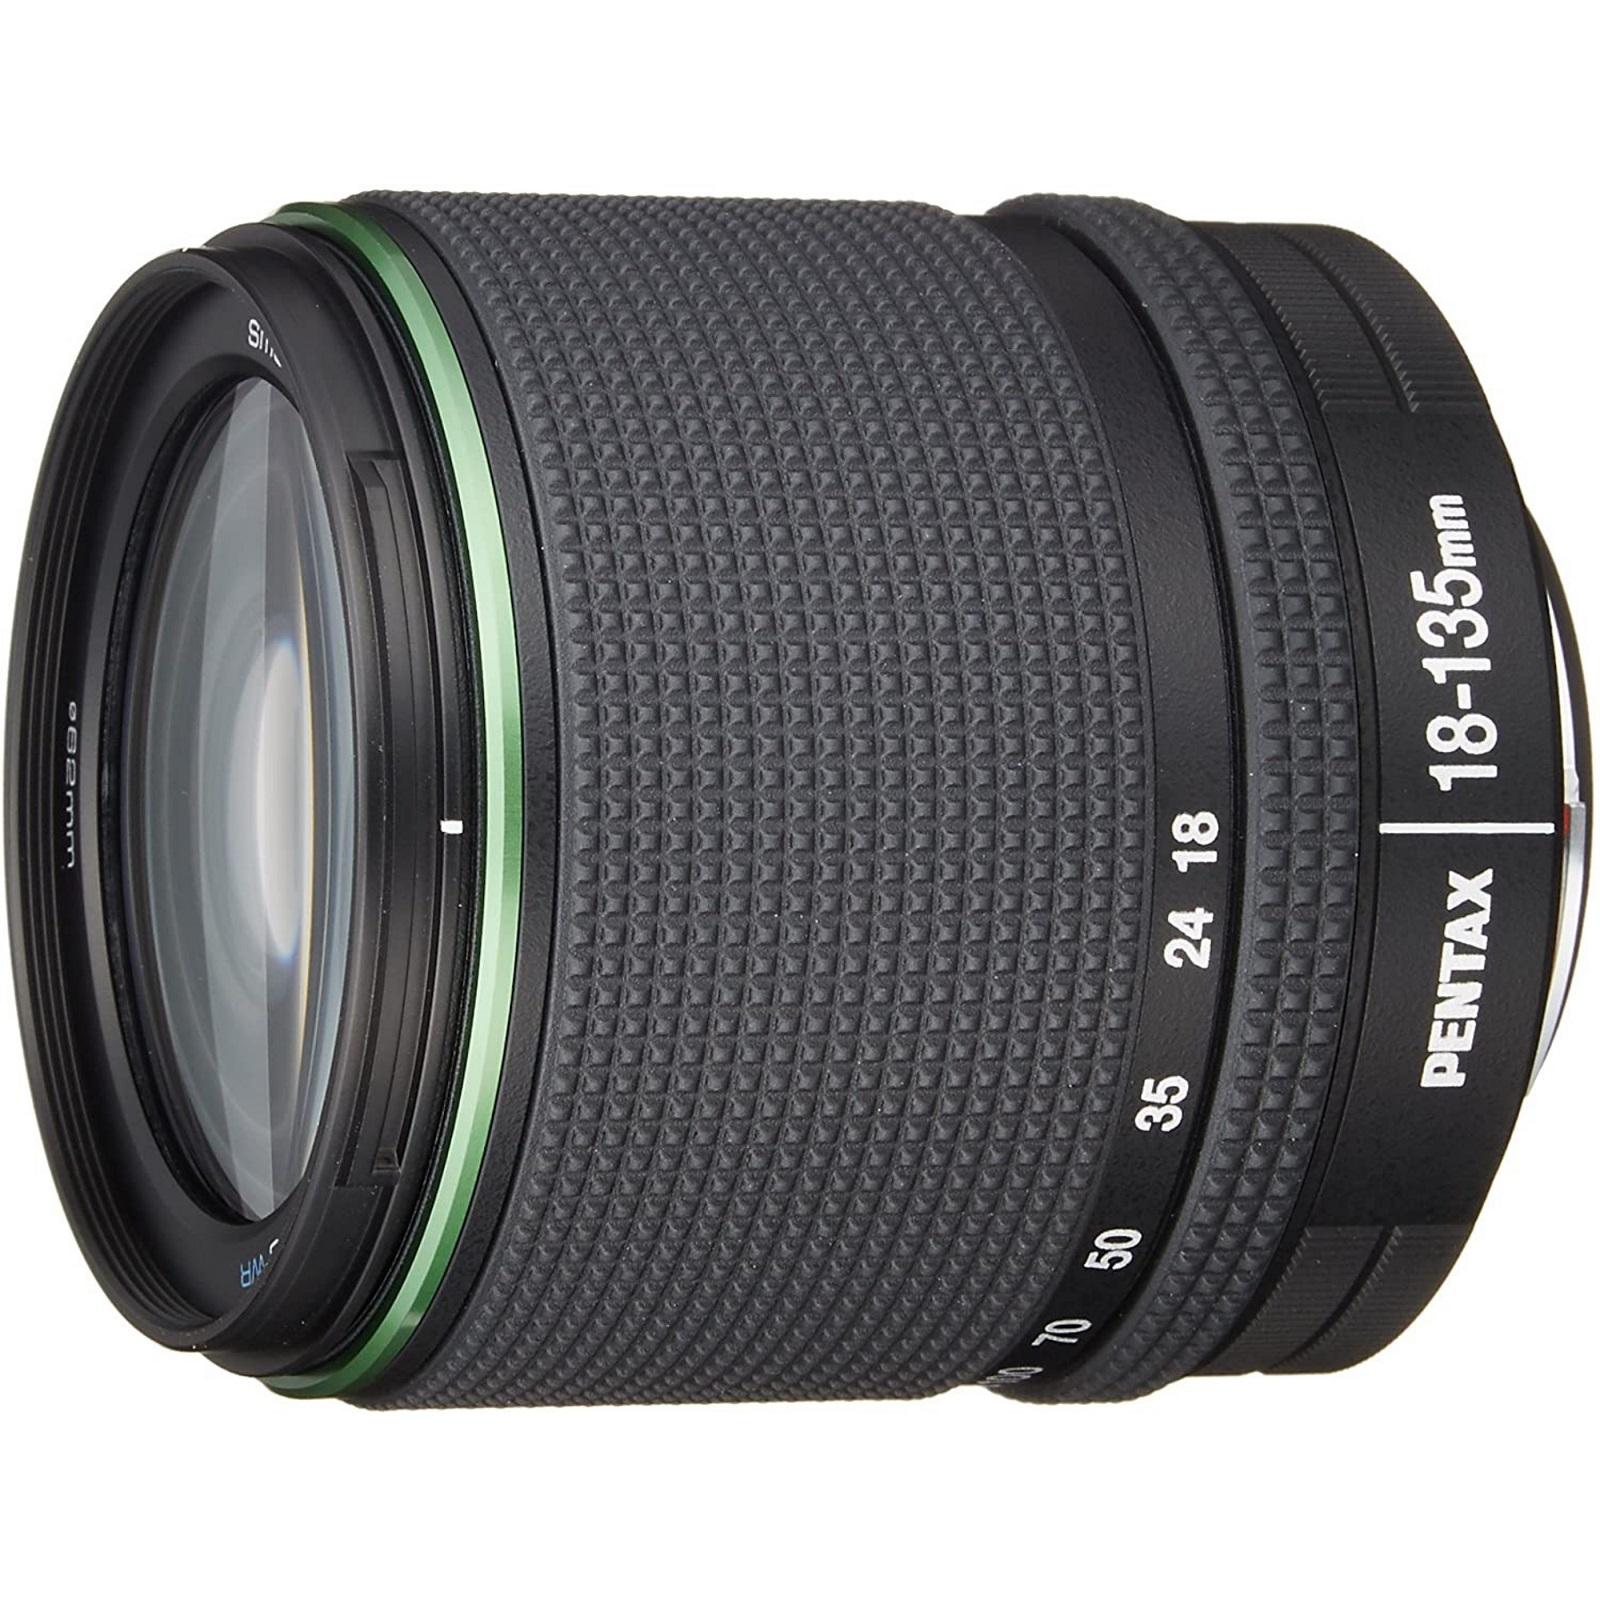 PENTAX ペンタックス ズームレンズ  DA18-135mm F3.5-5.6ED AL[IF] DC WR Kマウント 新品 (簡易箱)